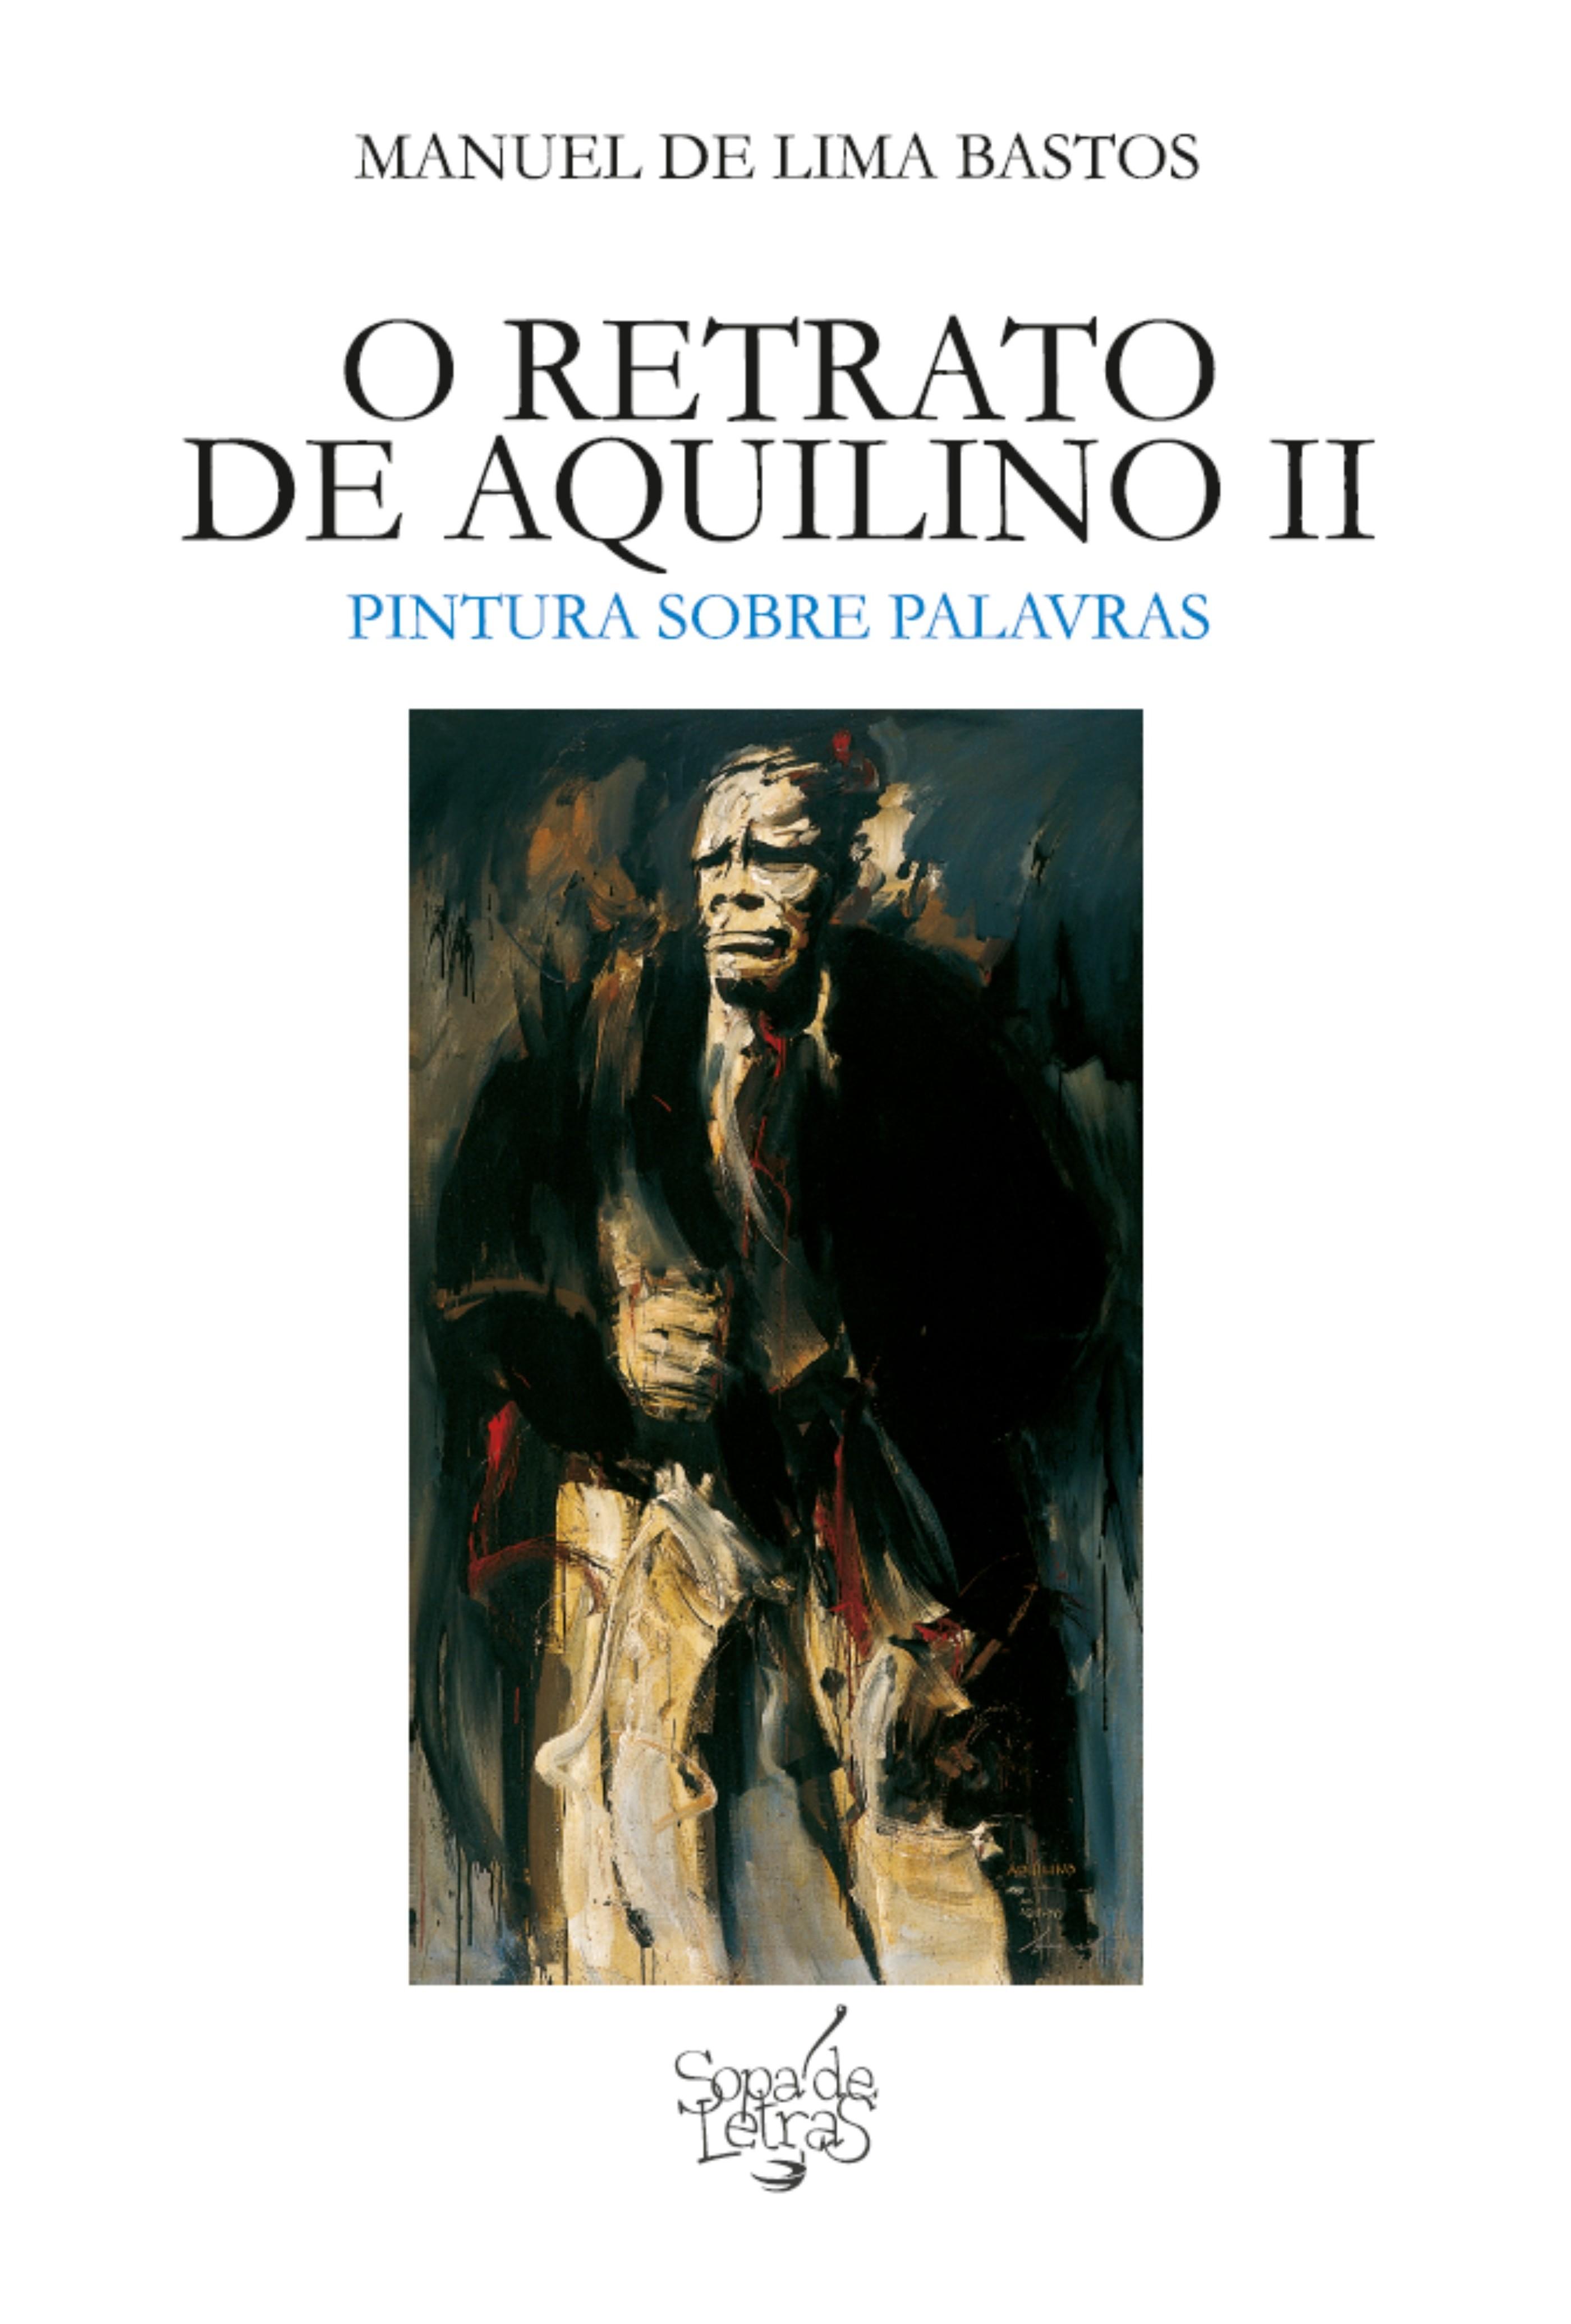 O Retrato de Aquilino II